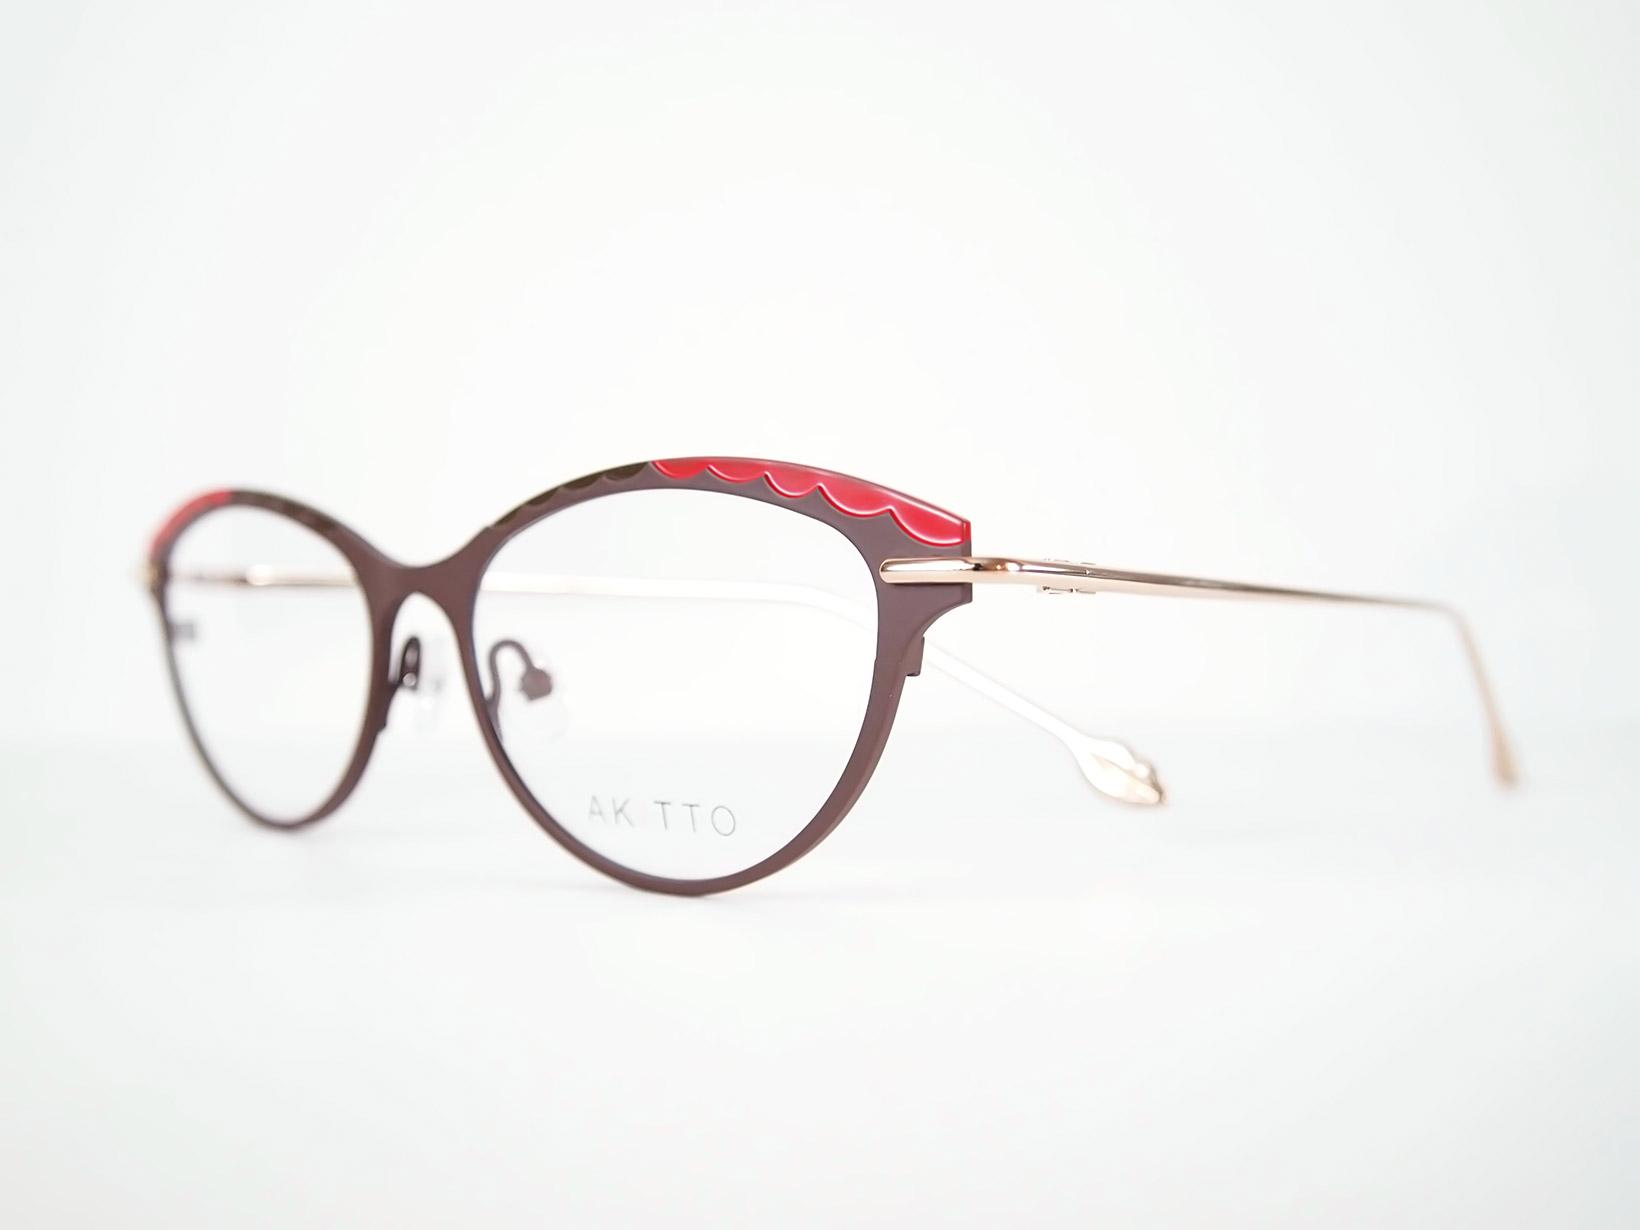 AKITTO 2017-4th cut color|BR size:50□16 material:titanium price:¥44,500-(+tax)